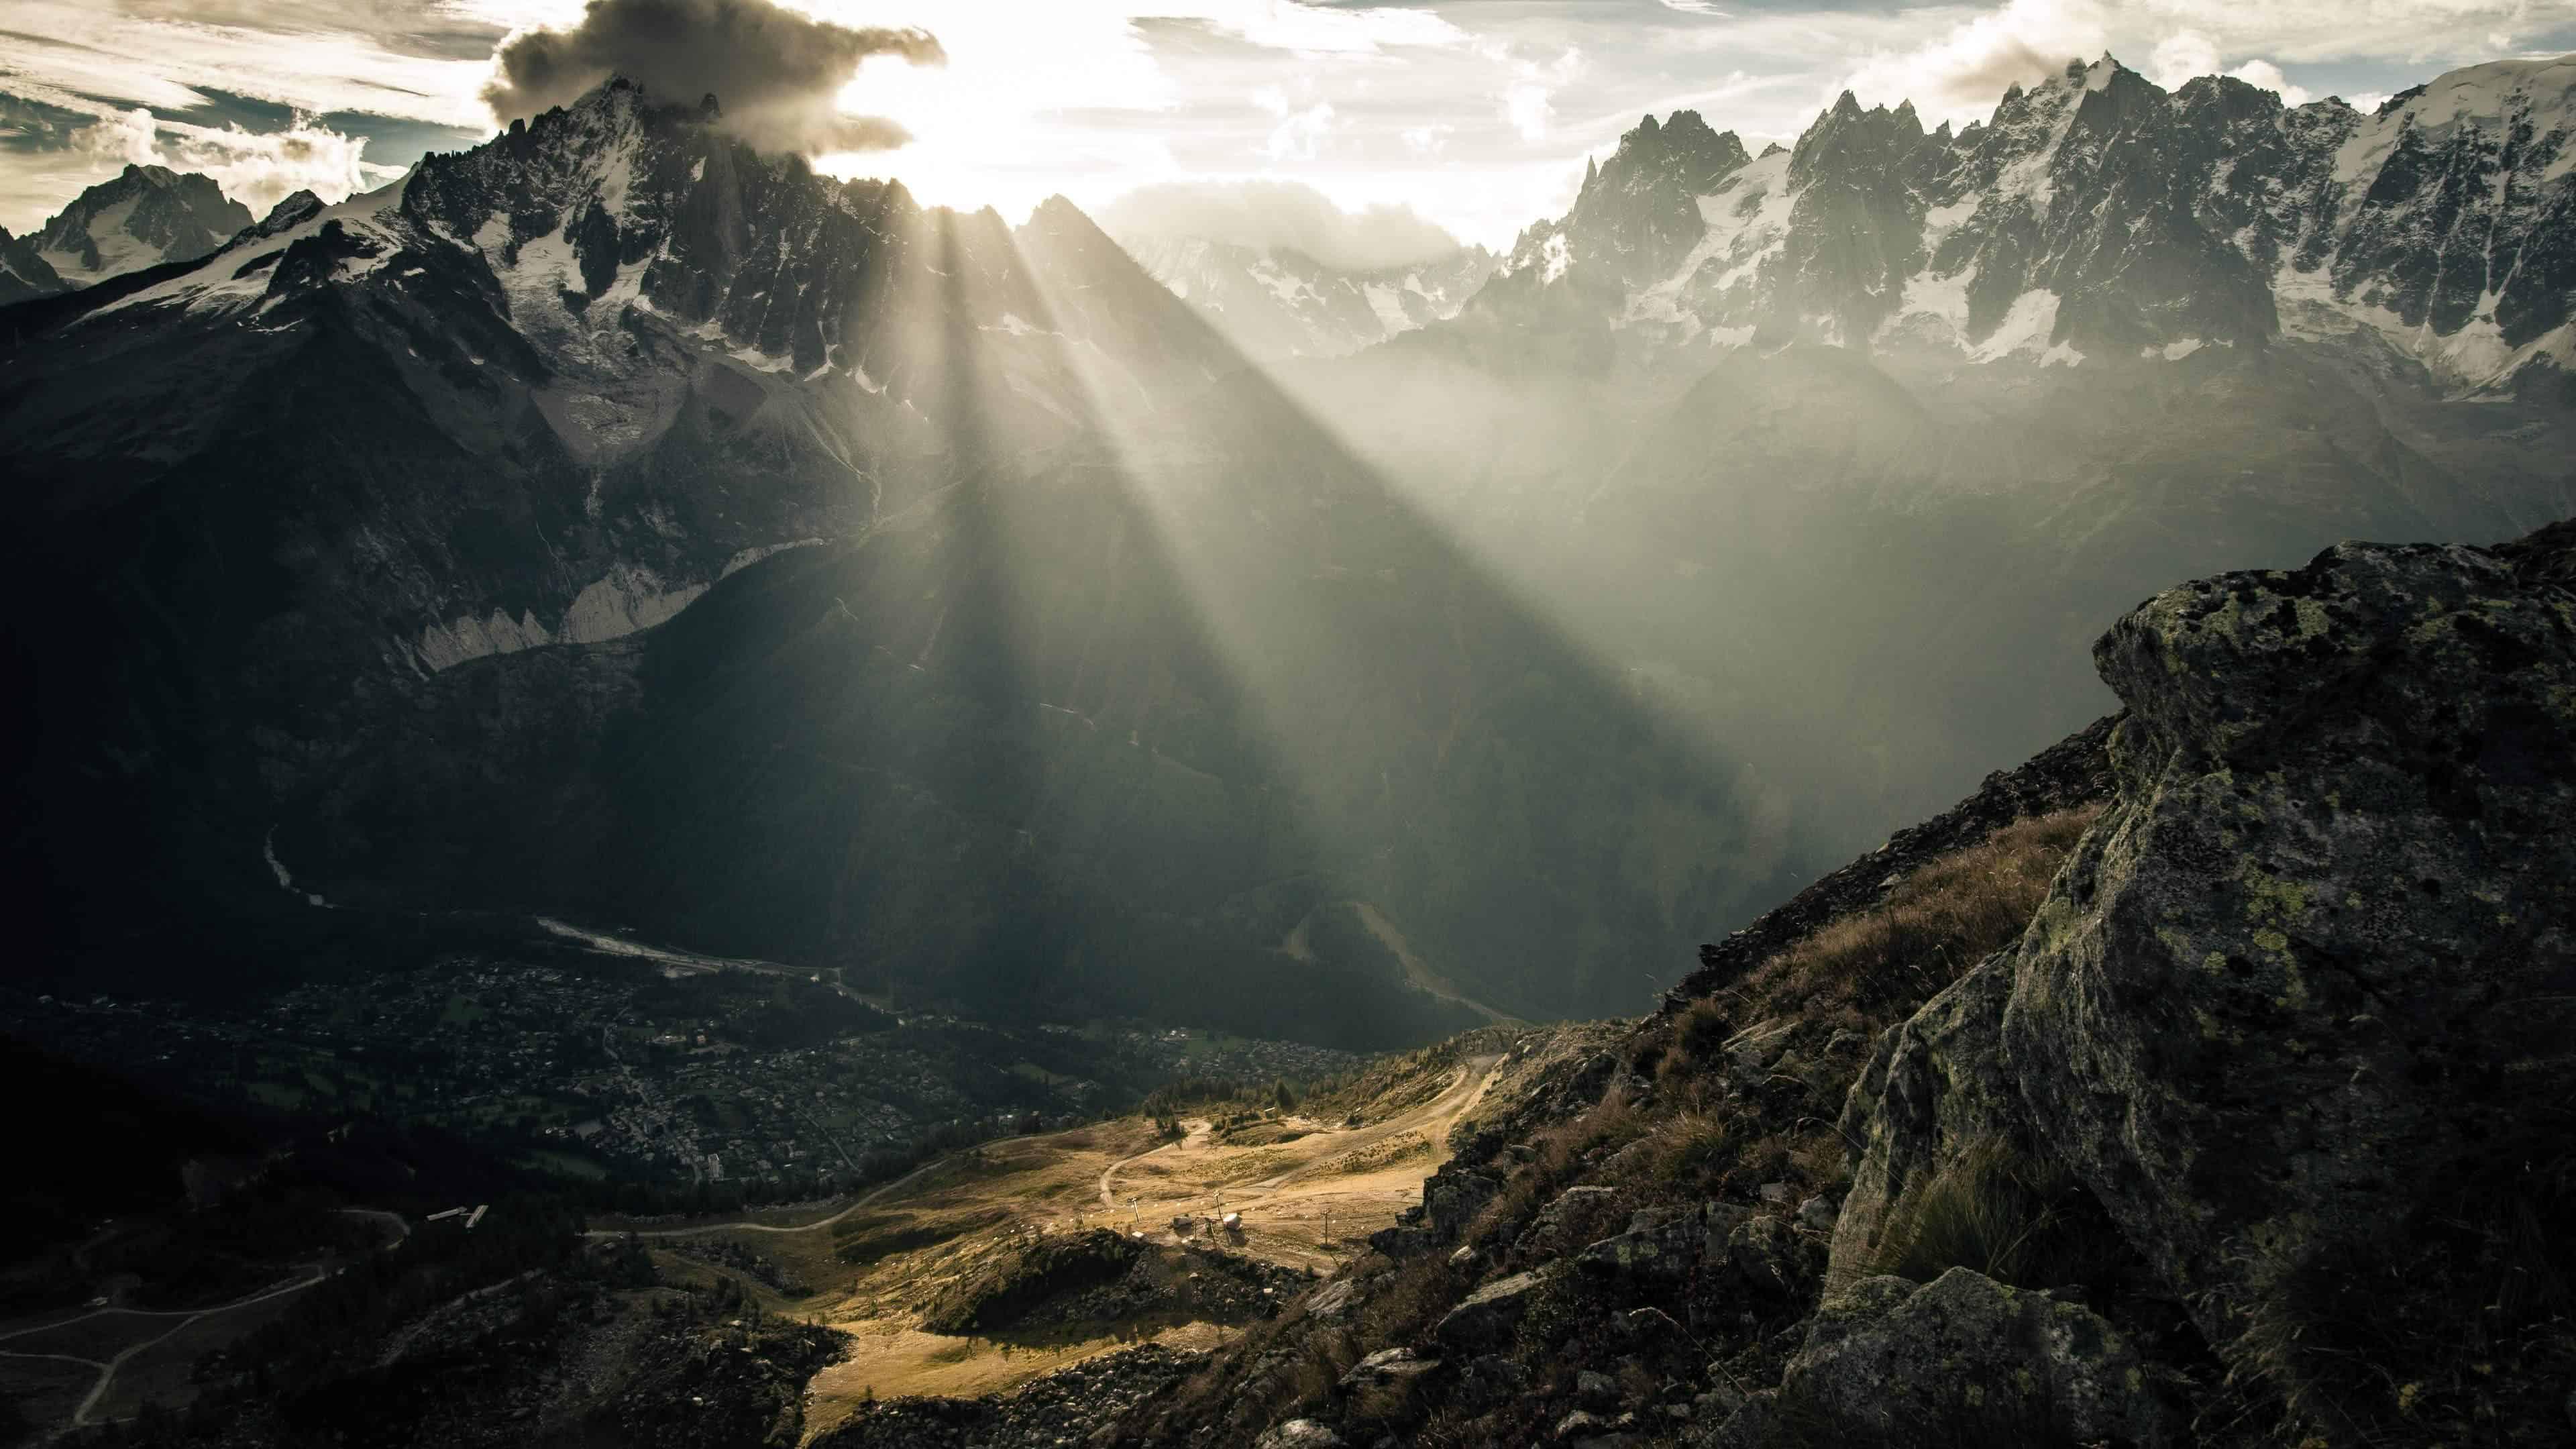 Destop Wallpaper Cars Chamonix Mont Blanc France Uhd 4k Wallpaper Pixelz